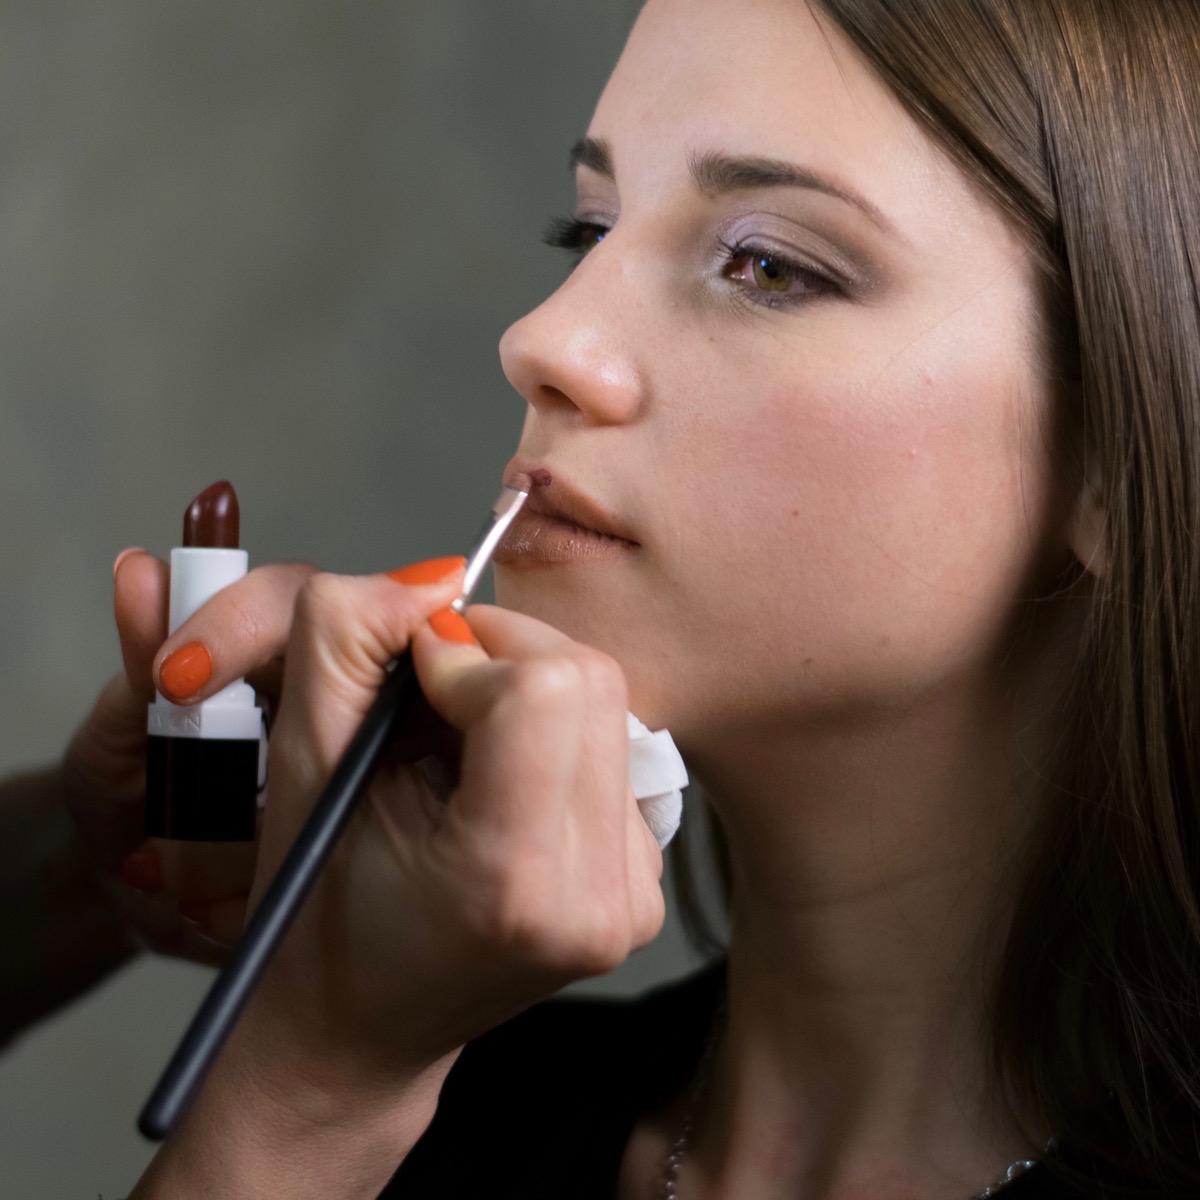 Šminkanje Beautyfullblog Avon Mark